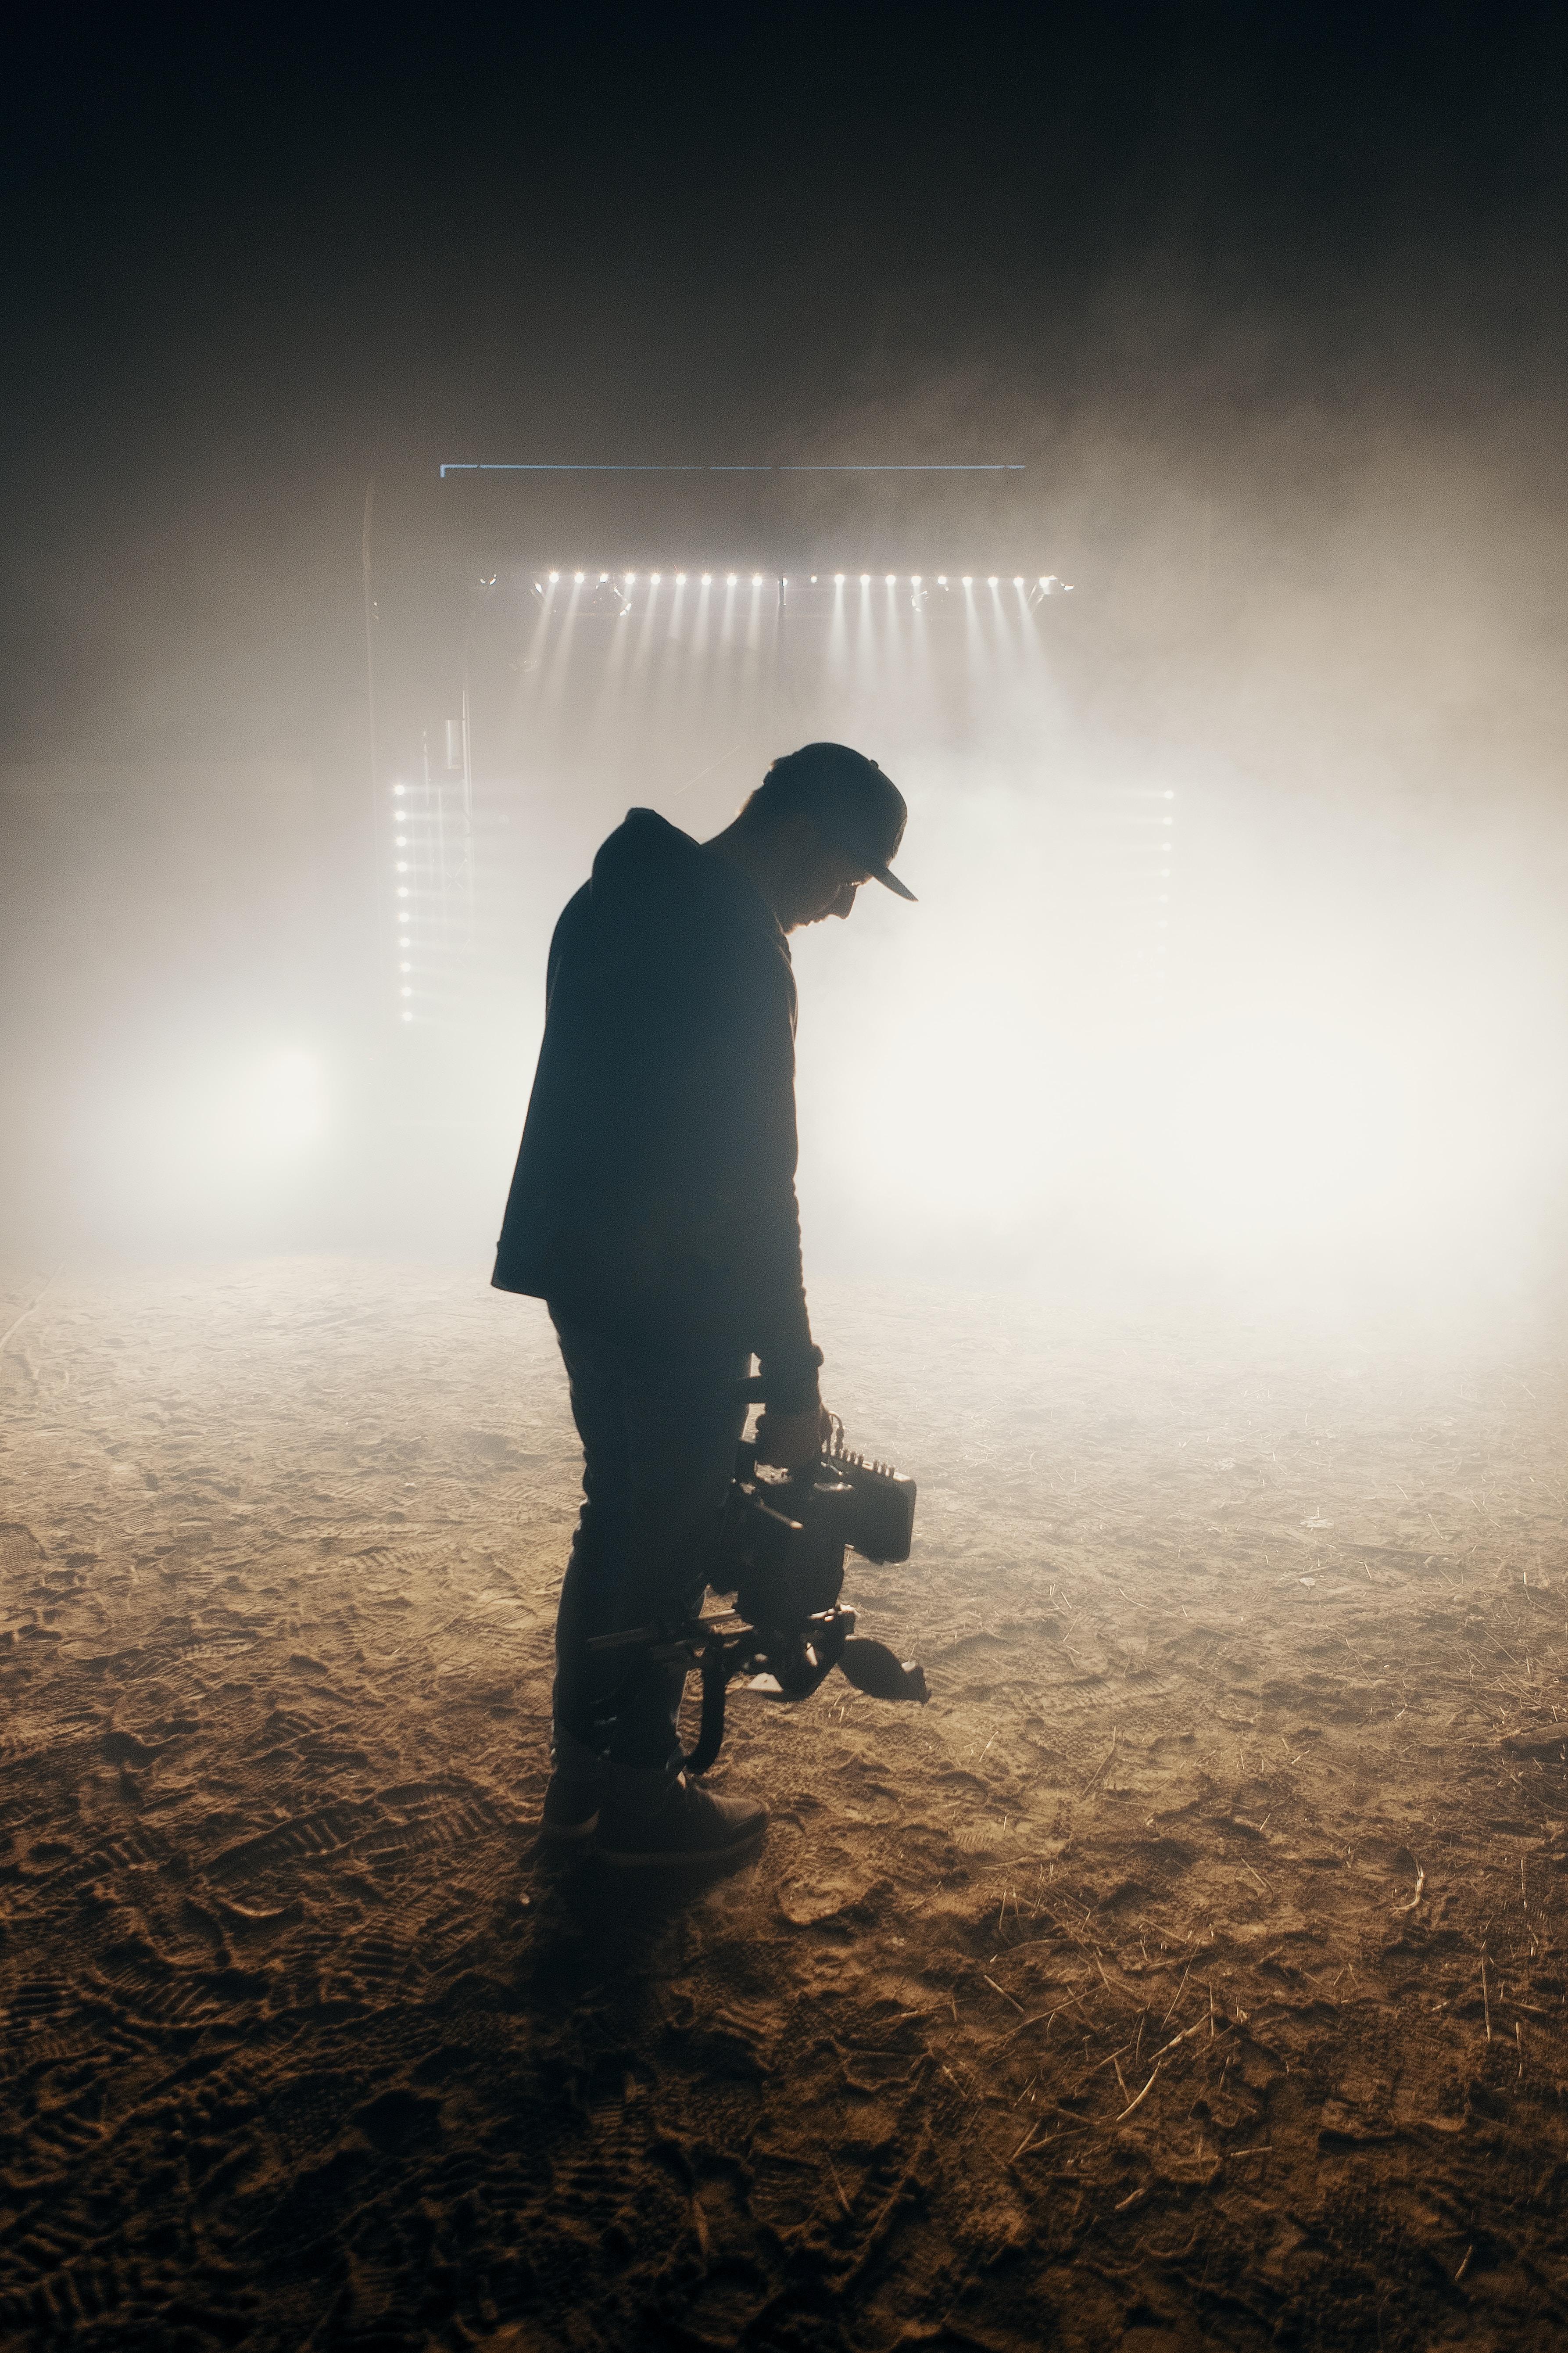 man standing on brown soil wearing cap